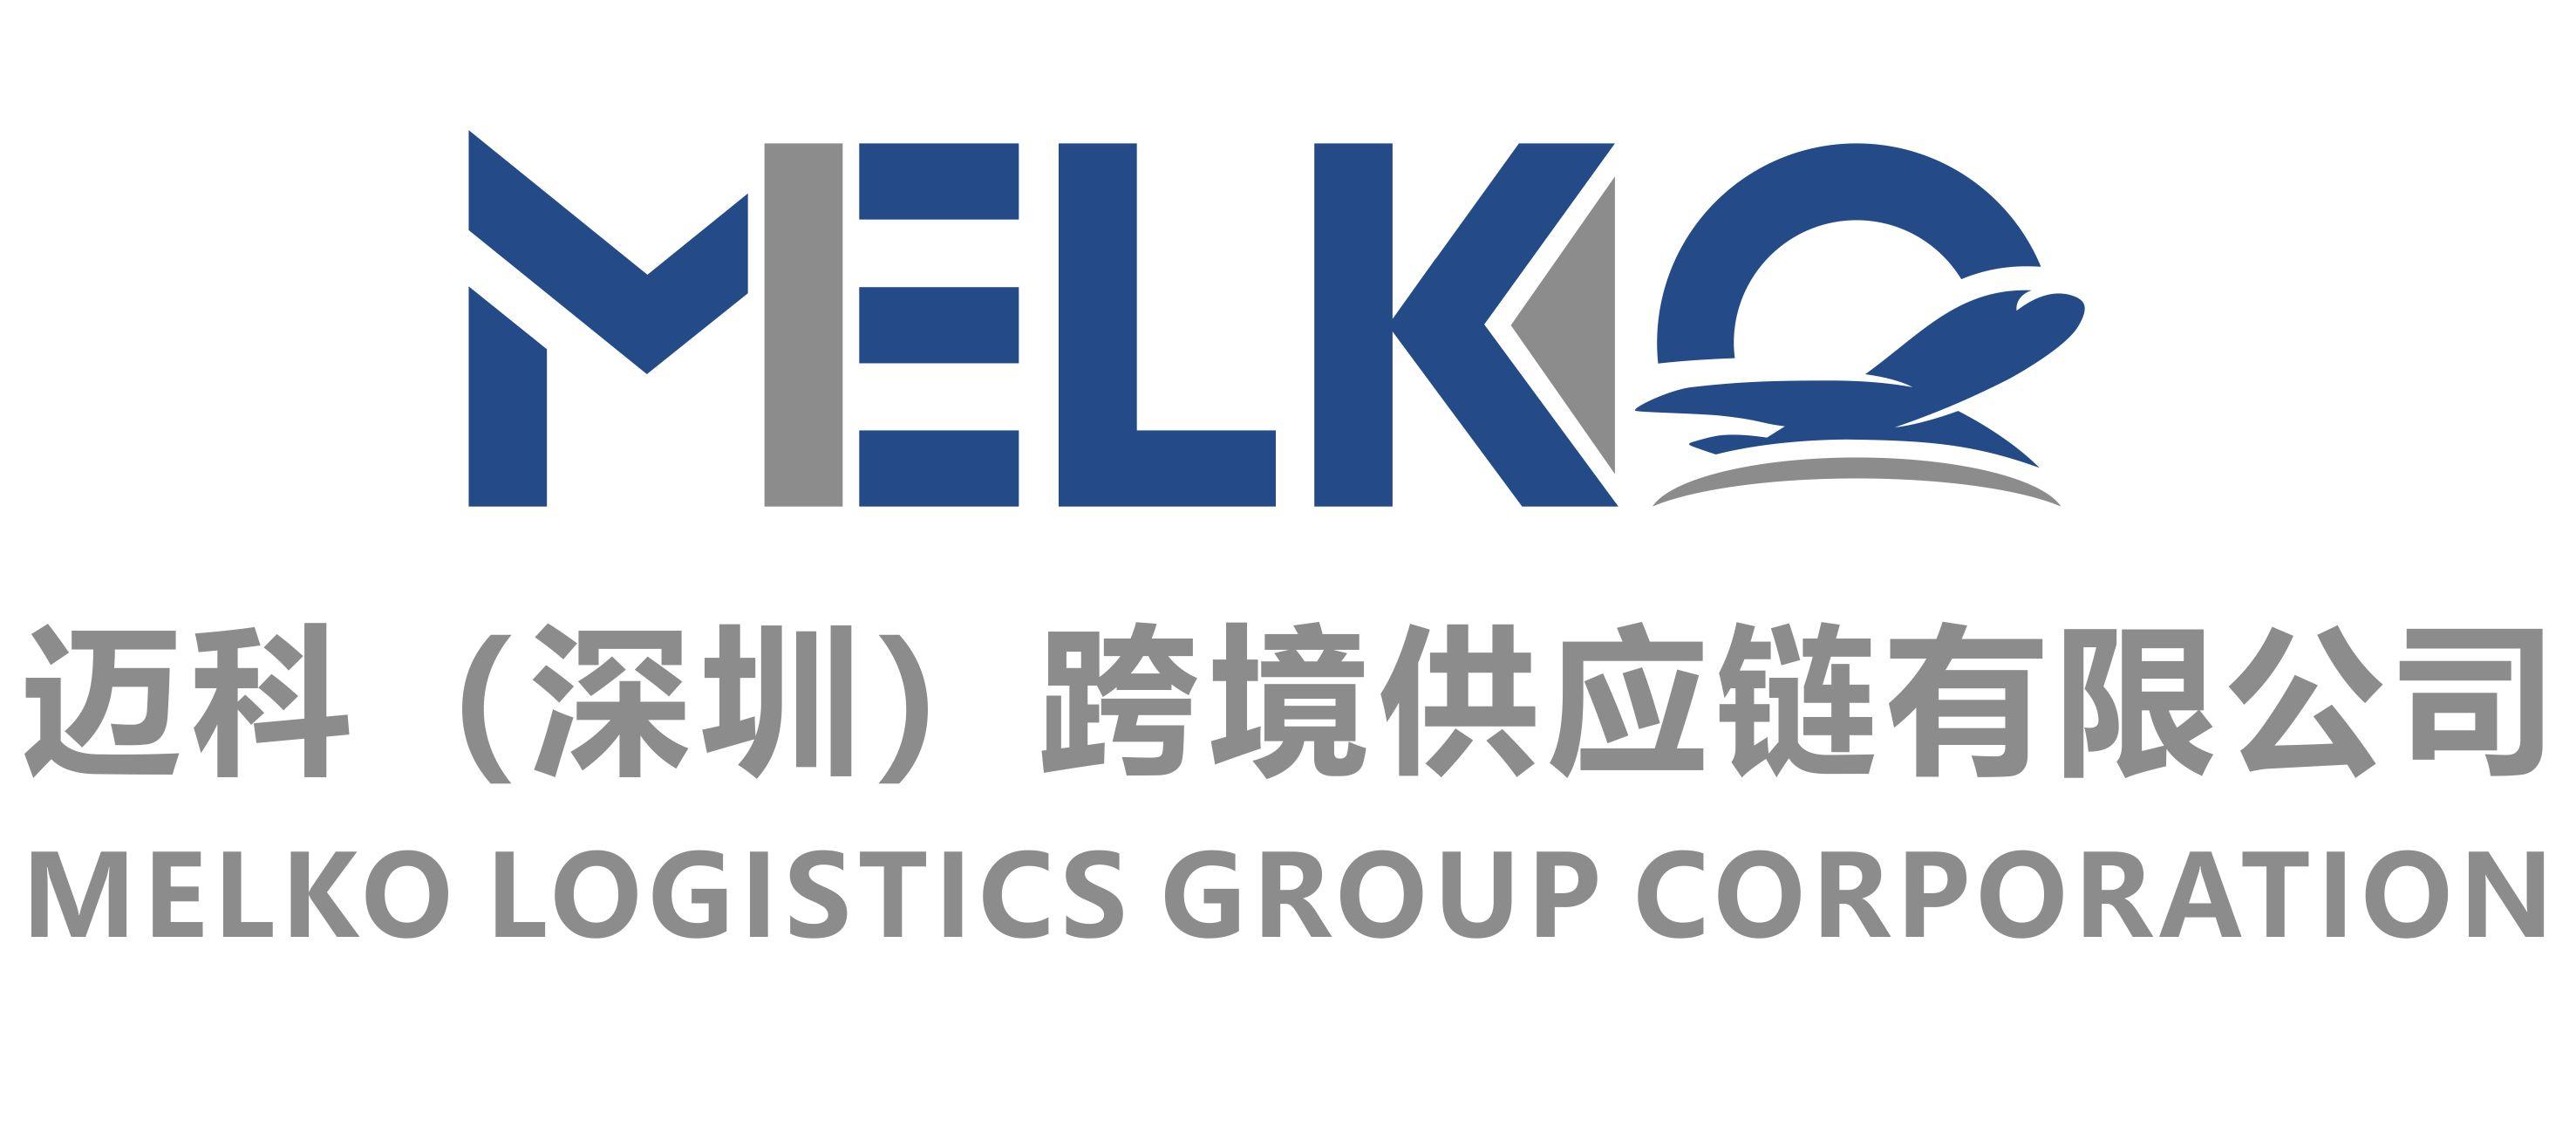 迈科(深圳)跨境供应链有限公司